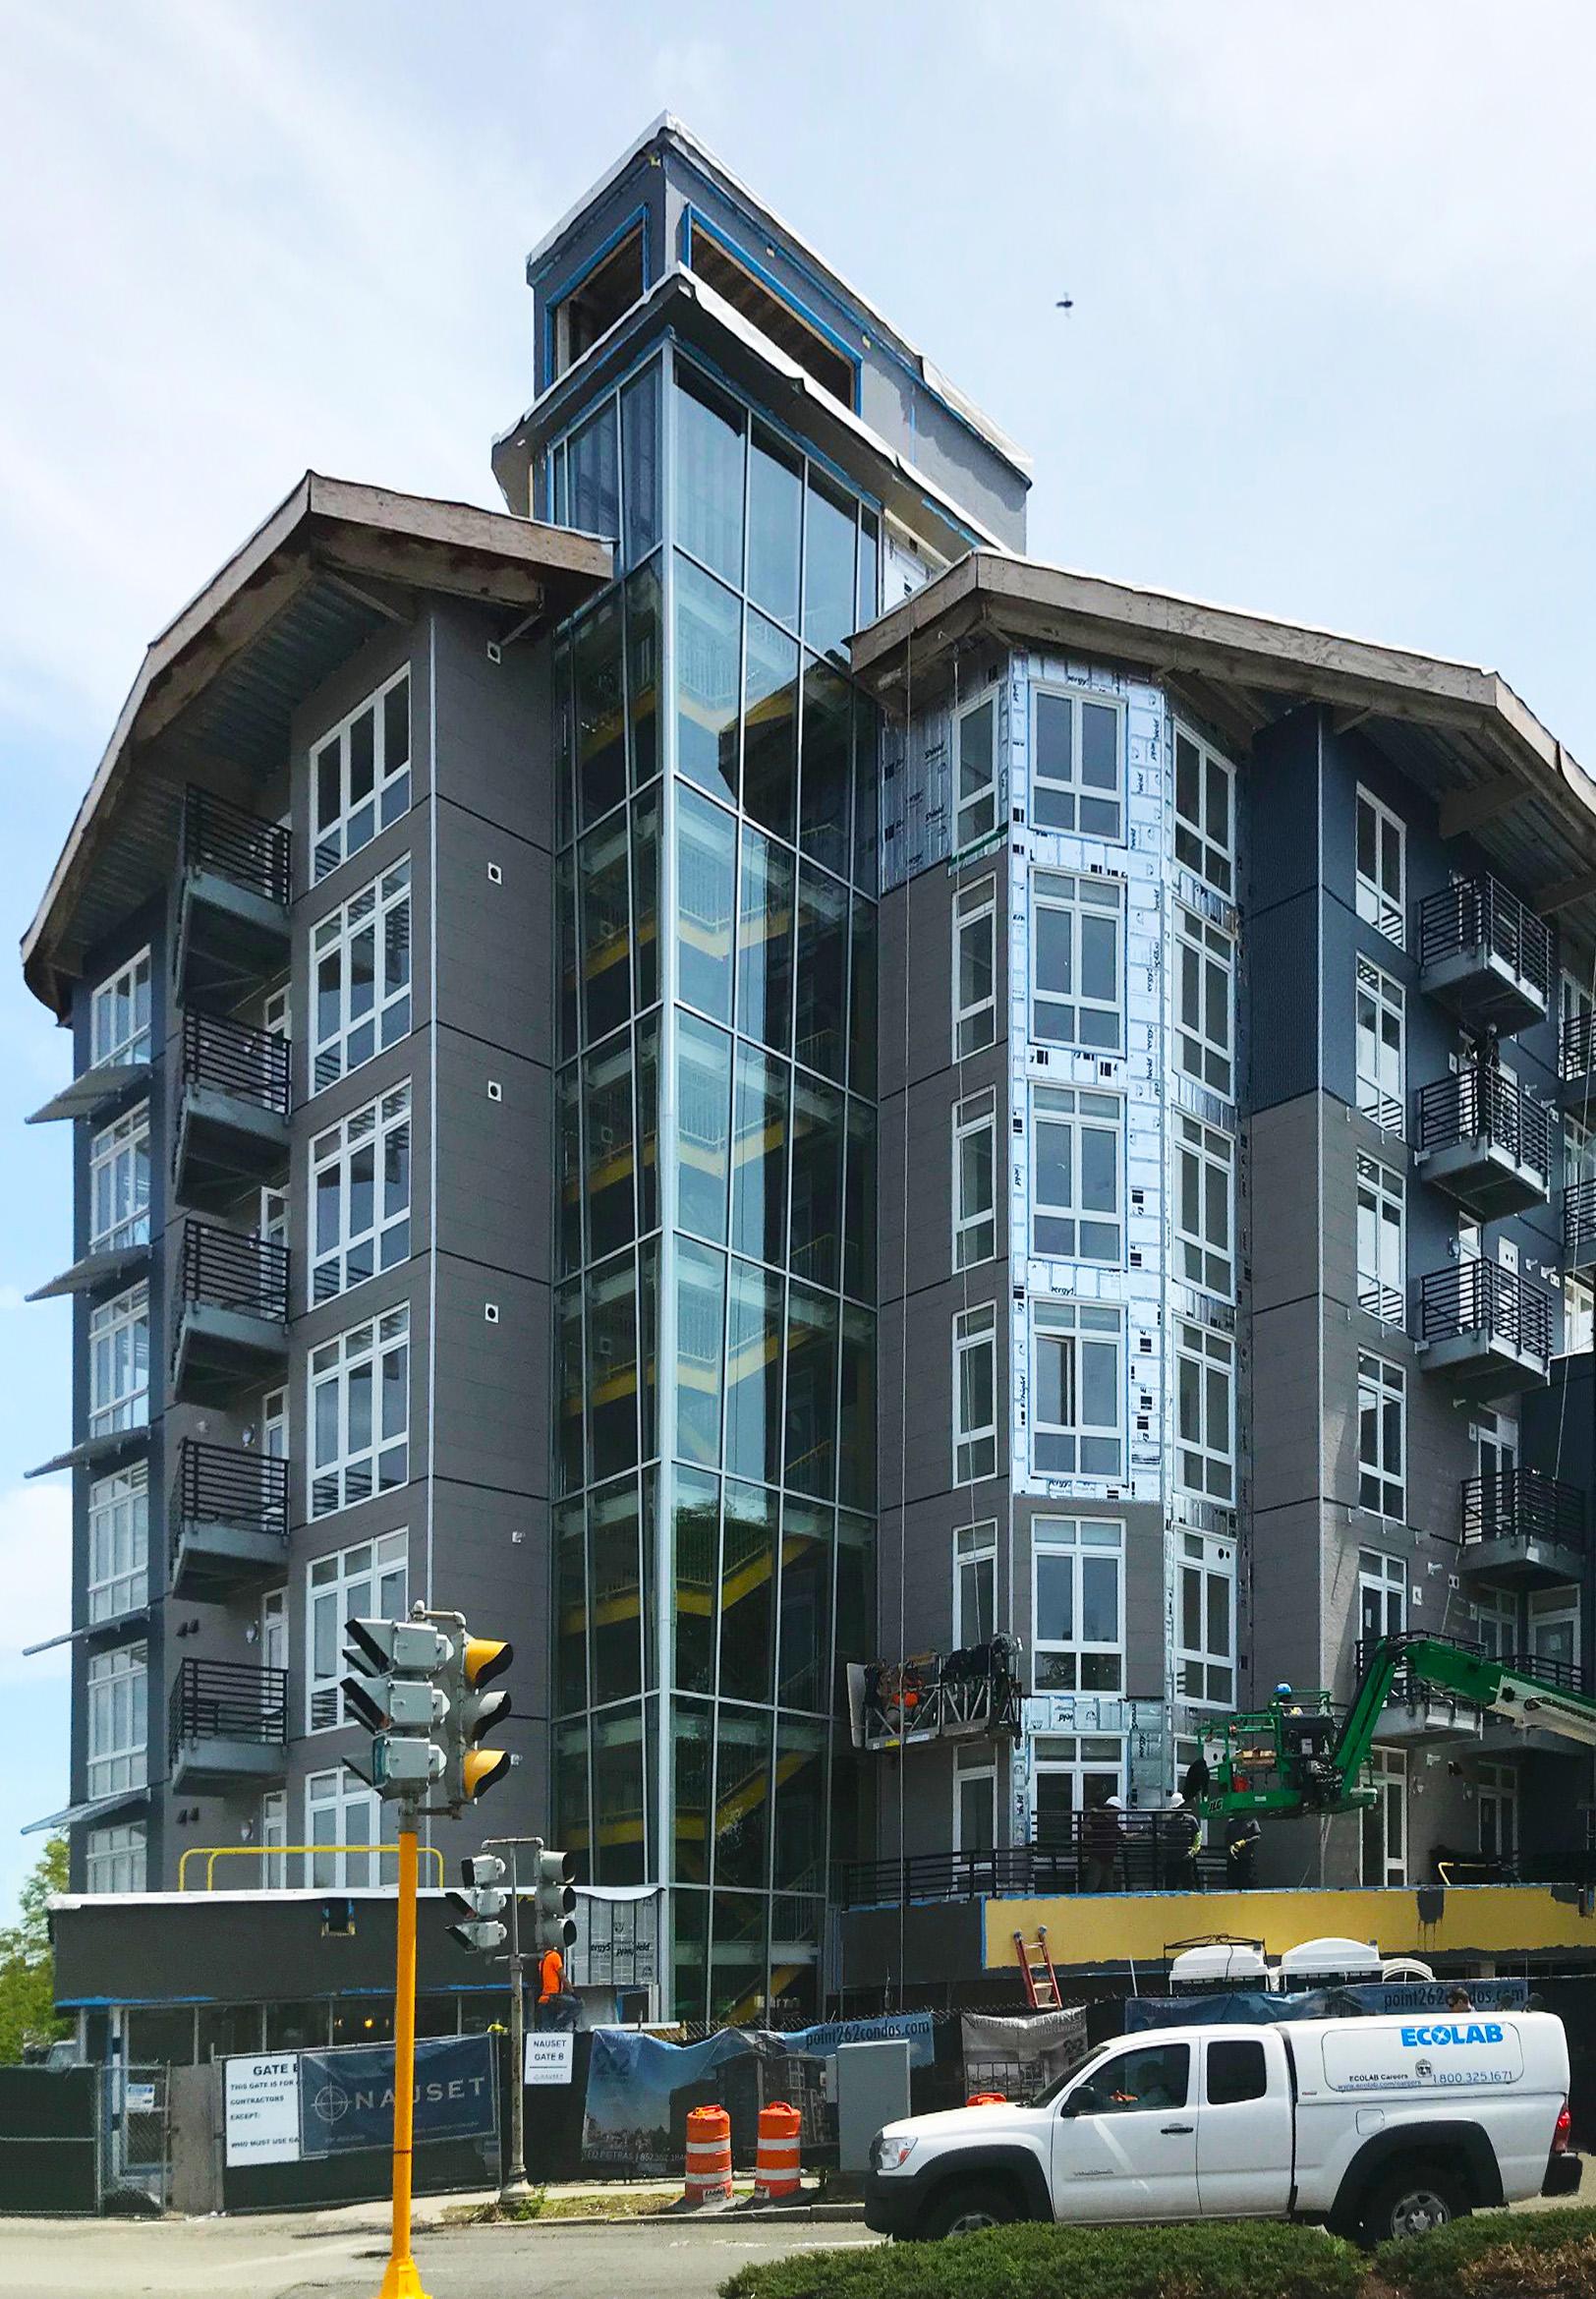 Point 262 Condominiums featuring INTUS Windows